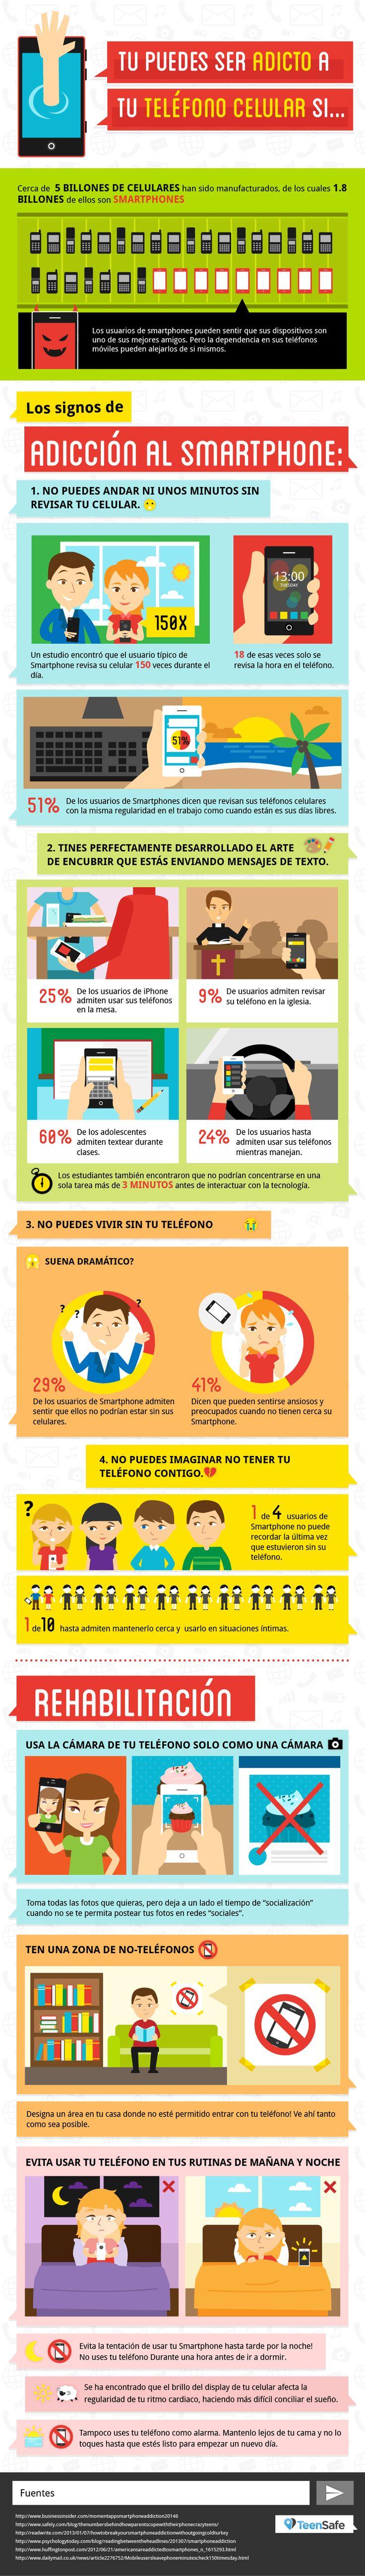 Nomofobia: adicción al teléfono móvil o celular #infografia